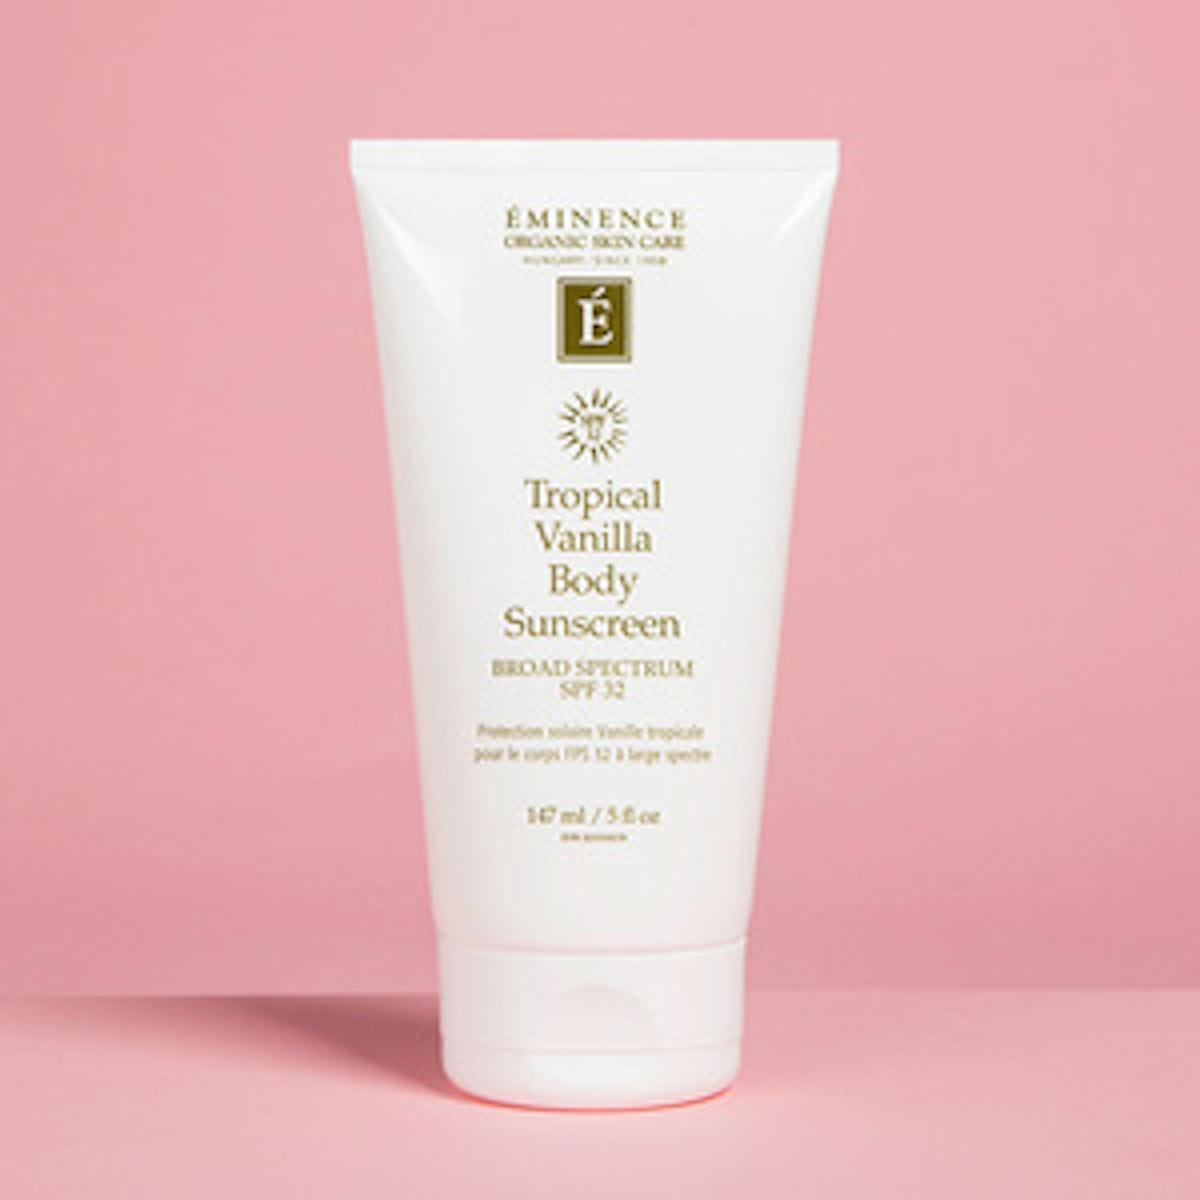 Eminence Organic Skin Care Tropical Vanilla Body Sunscreen SPF 32